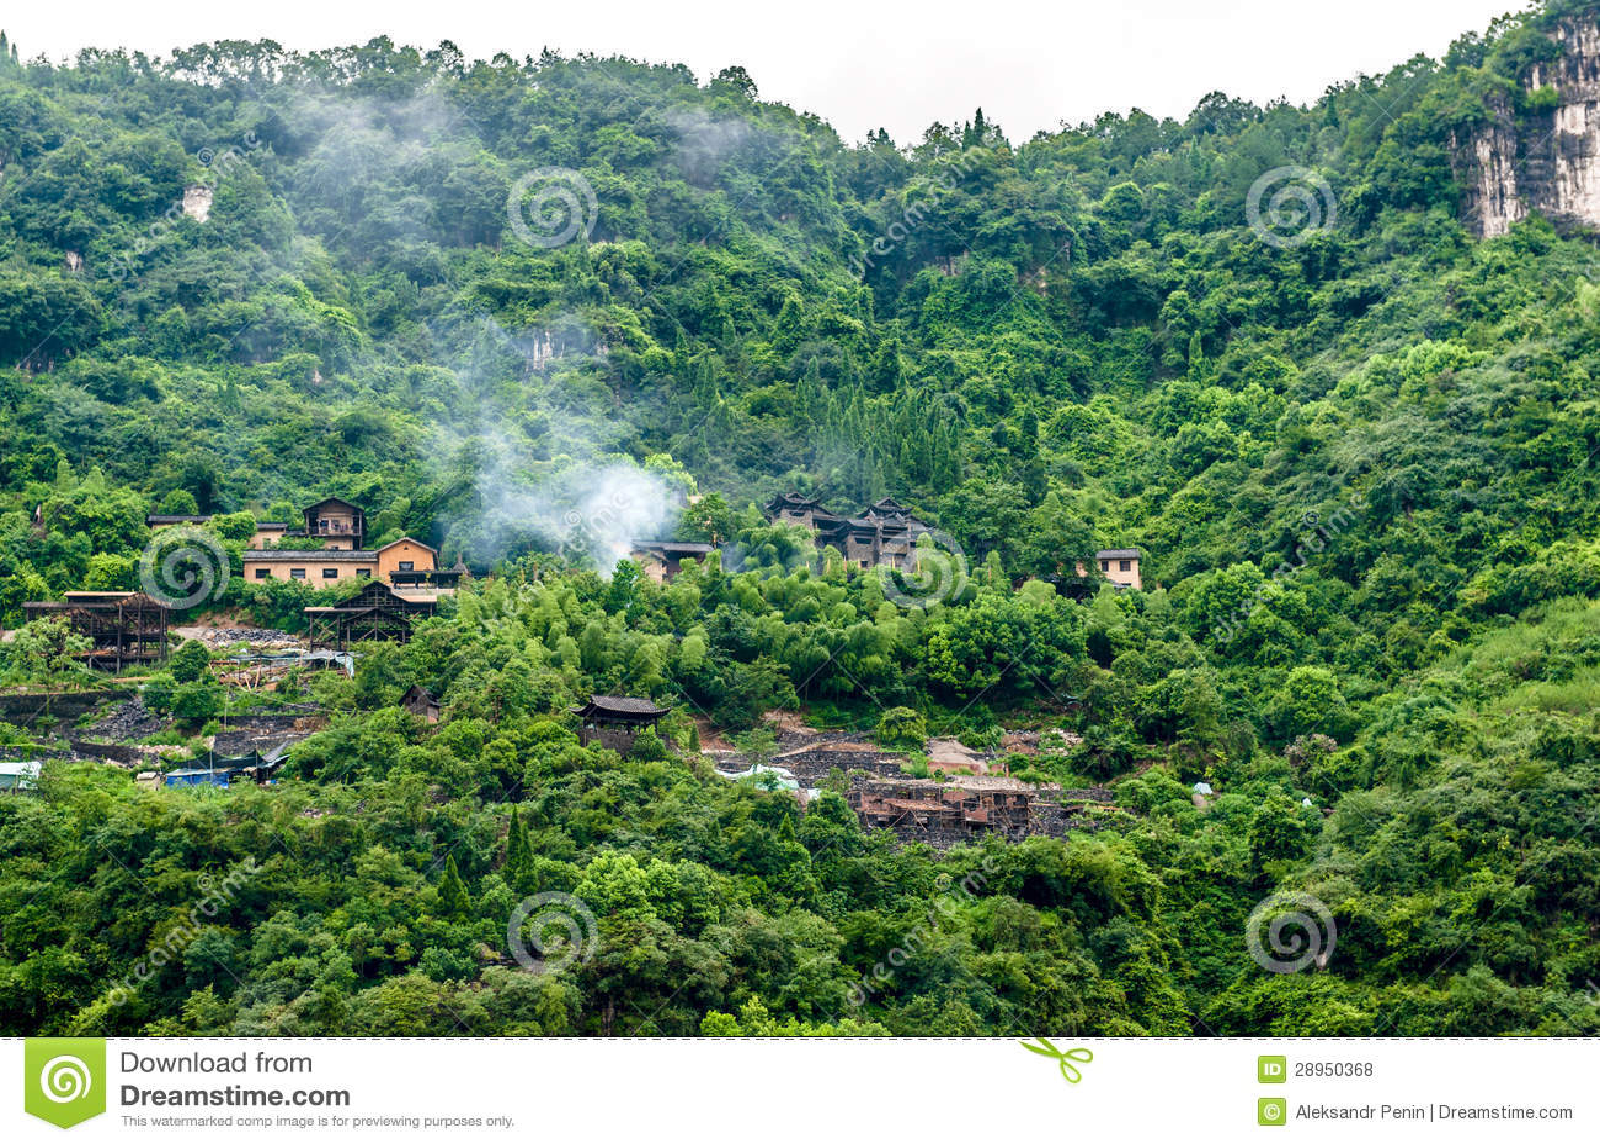 Chińska wioska w górach